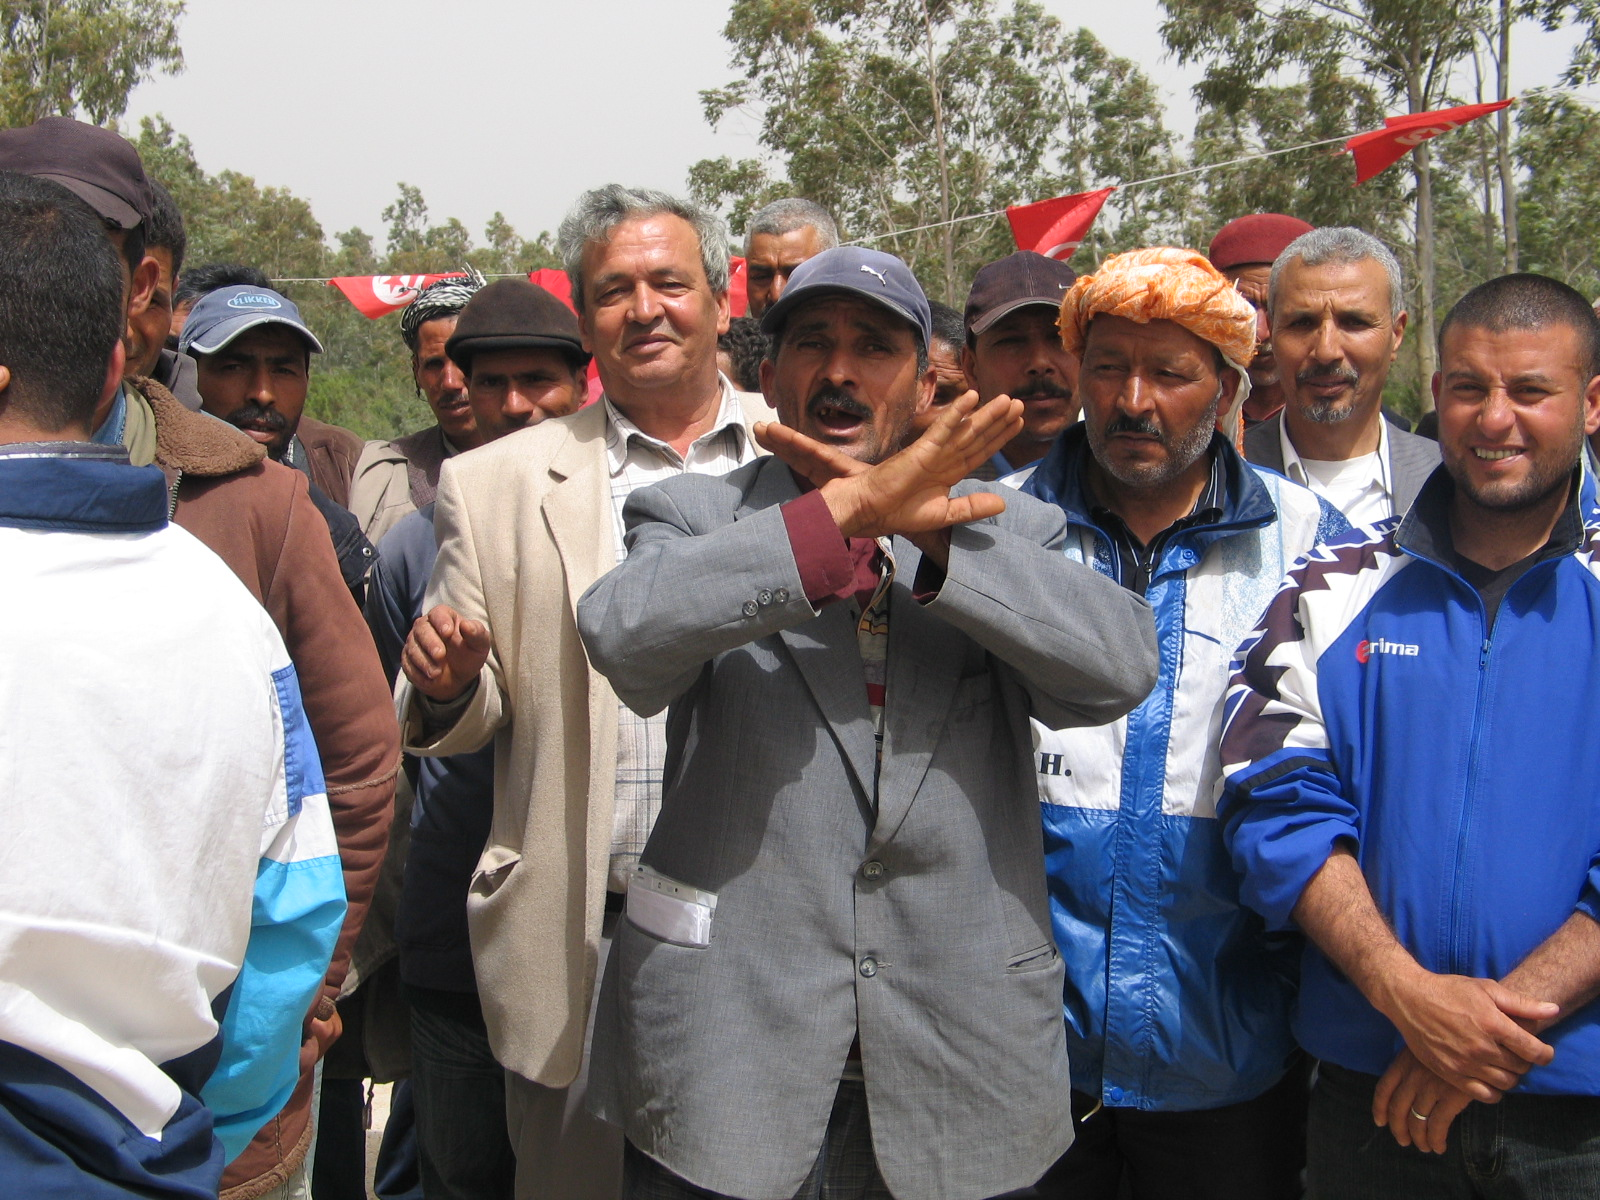 Kef Aabed, Tunisie : du côté des perdants.